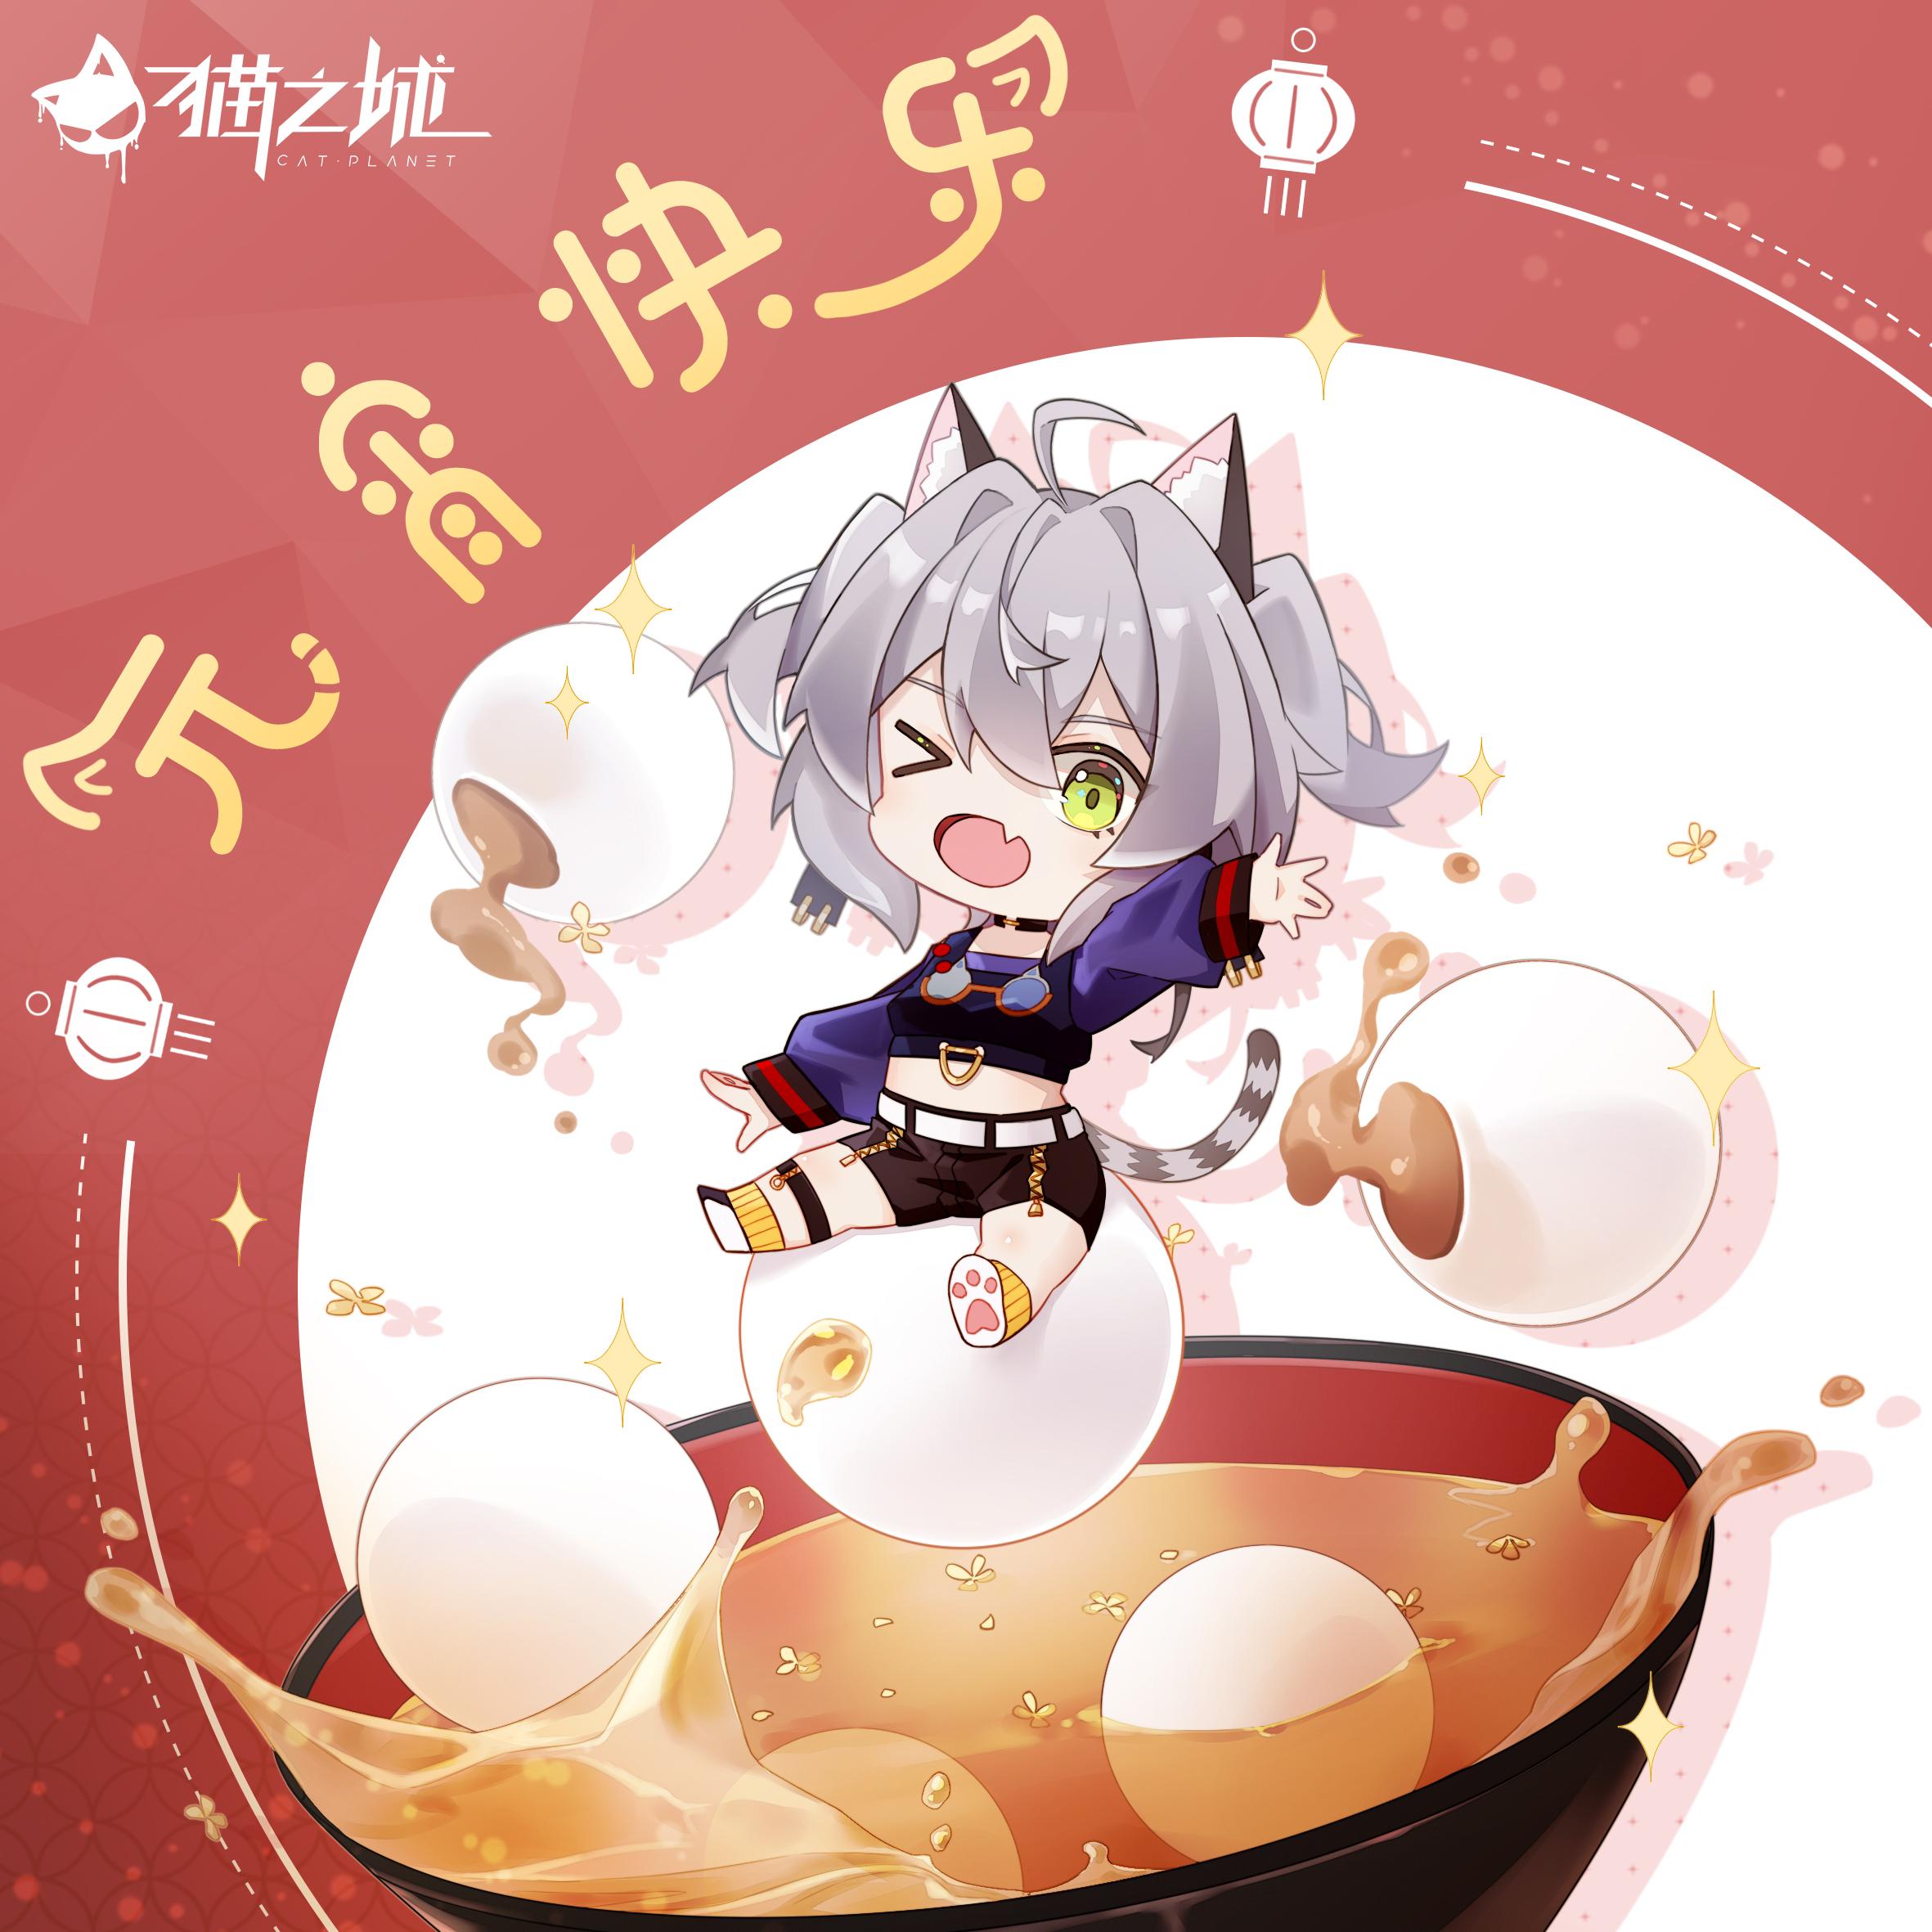 【福利】欢欢喜喜闹元宵,贺图来啦!